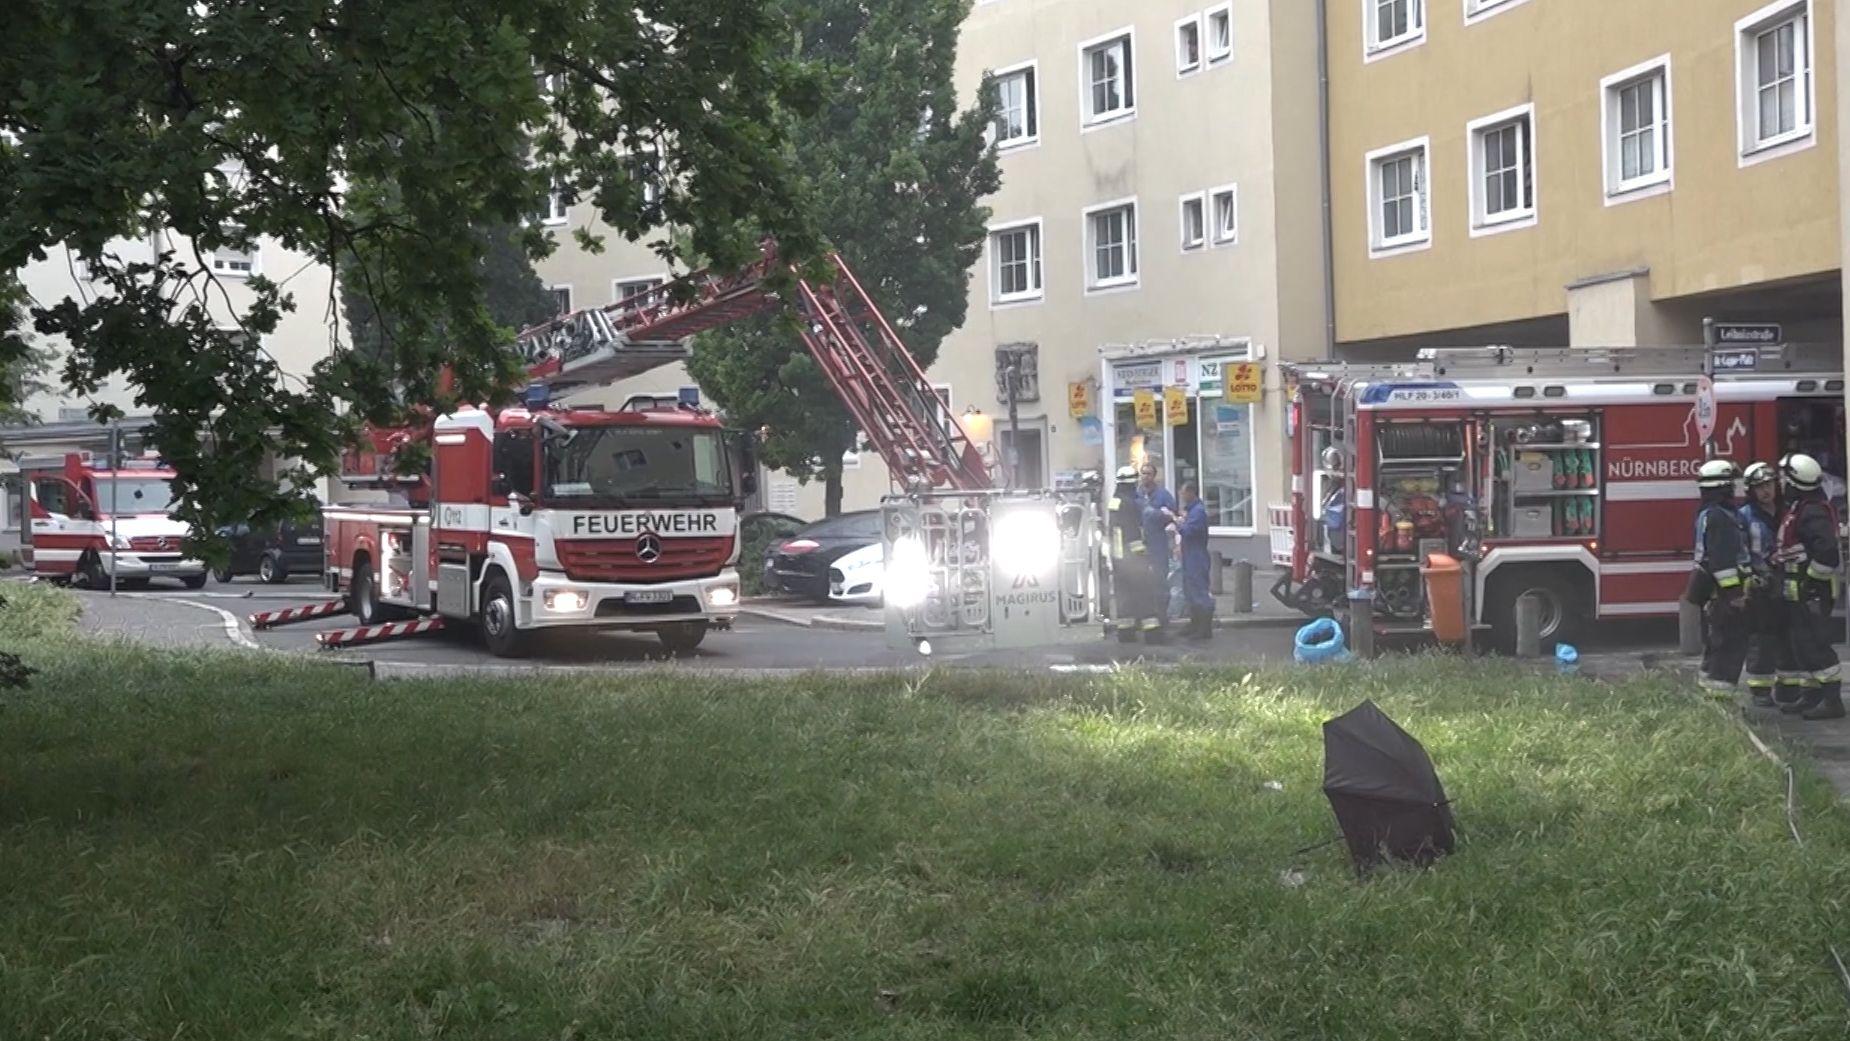 Nürnberg-Gibitzenhof: Bei einem Brand in einem Mehrfamilienhaus erlitten mehr als 20 Anwohner einer Rauchgasvergiftung.